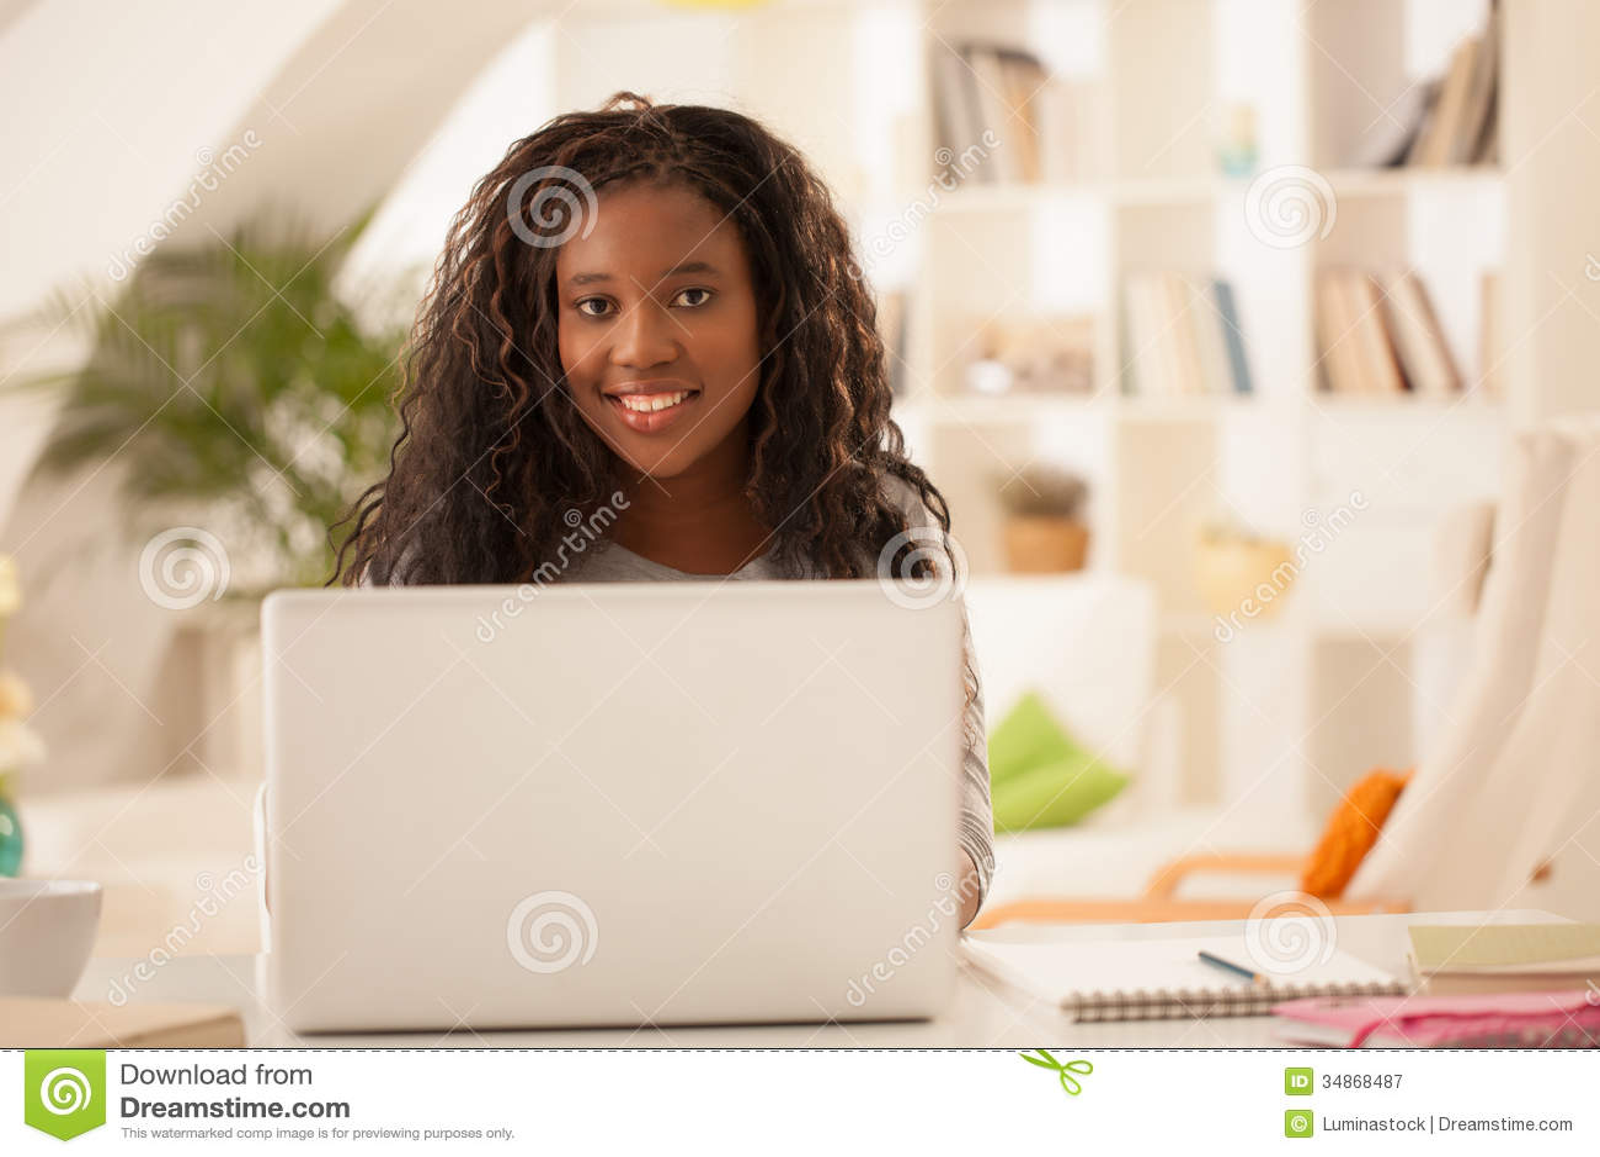 Afrikanische Jugendliche Black Girl Porno-Pic